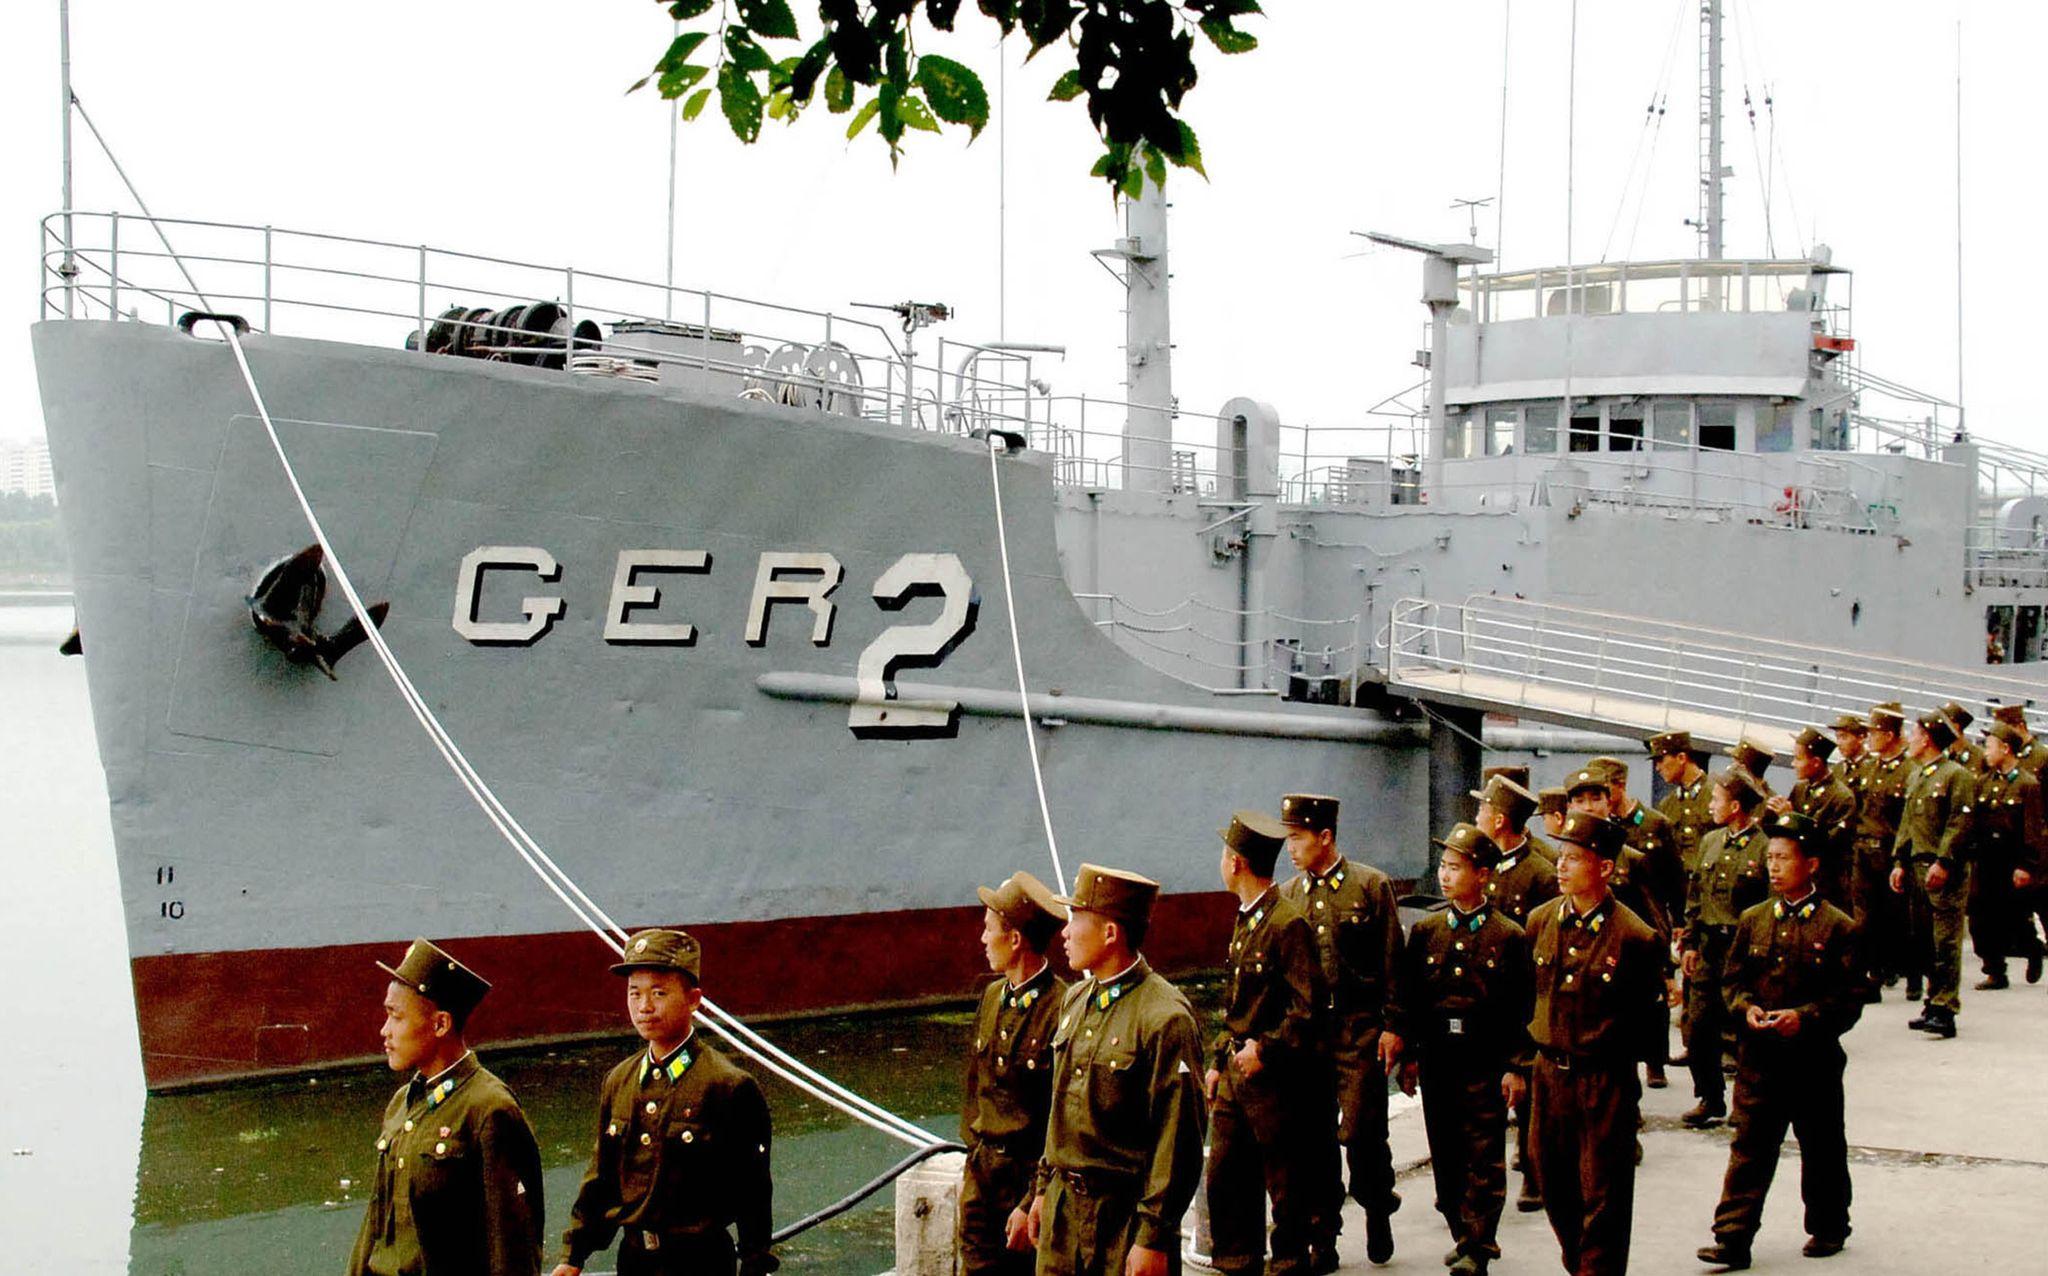 USS Pueblo still held hostage by North Korea as Trump, Kim meet